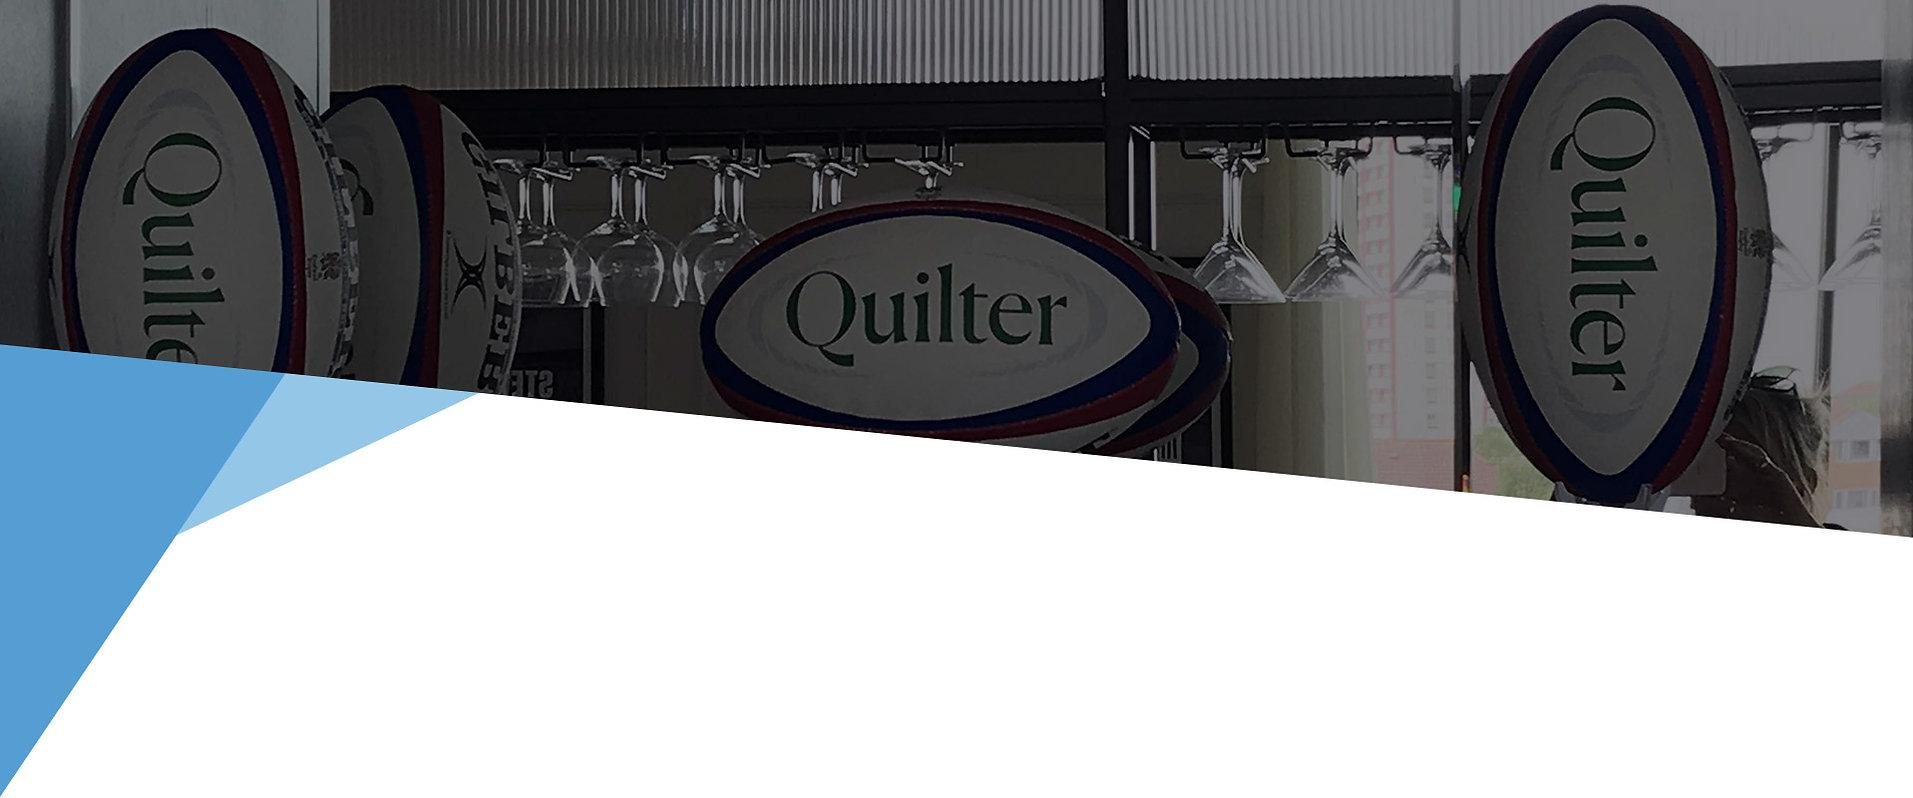 quilter_header_image.jpg